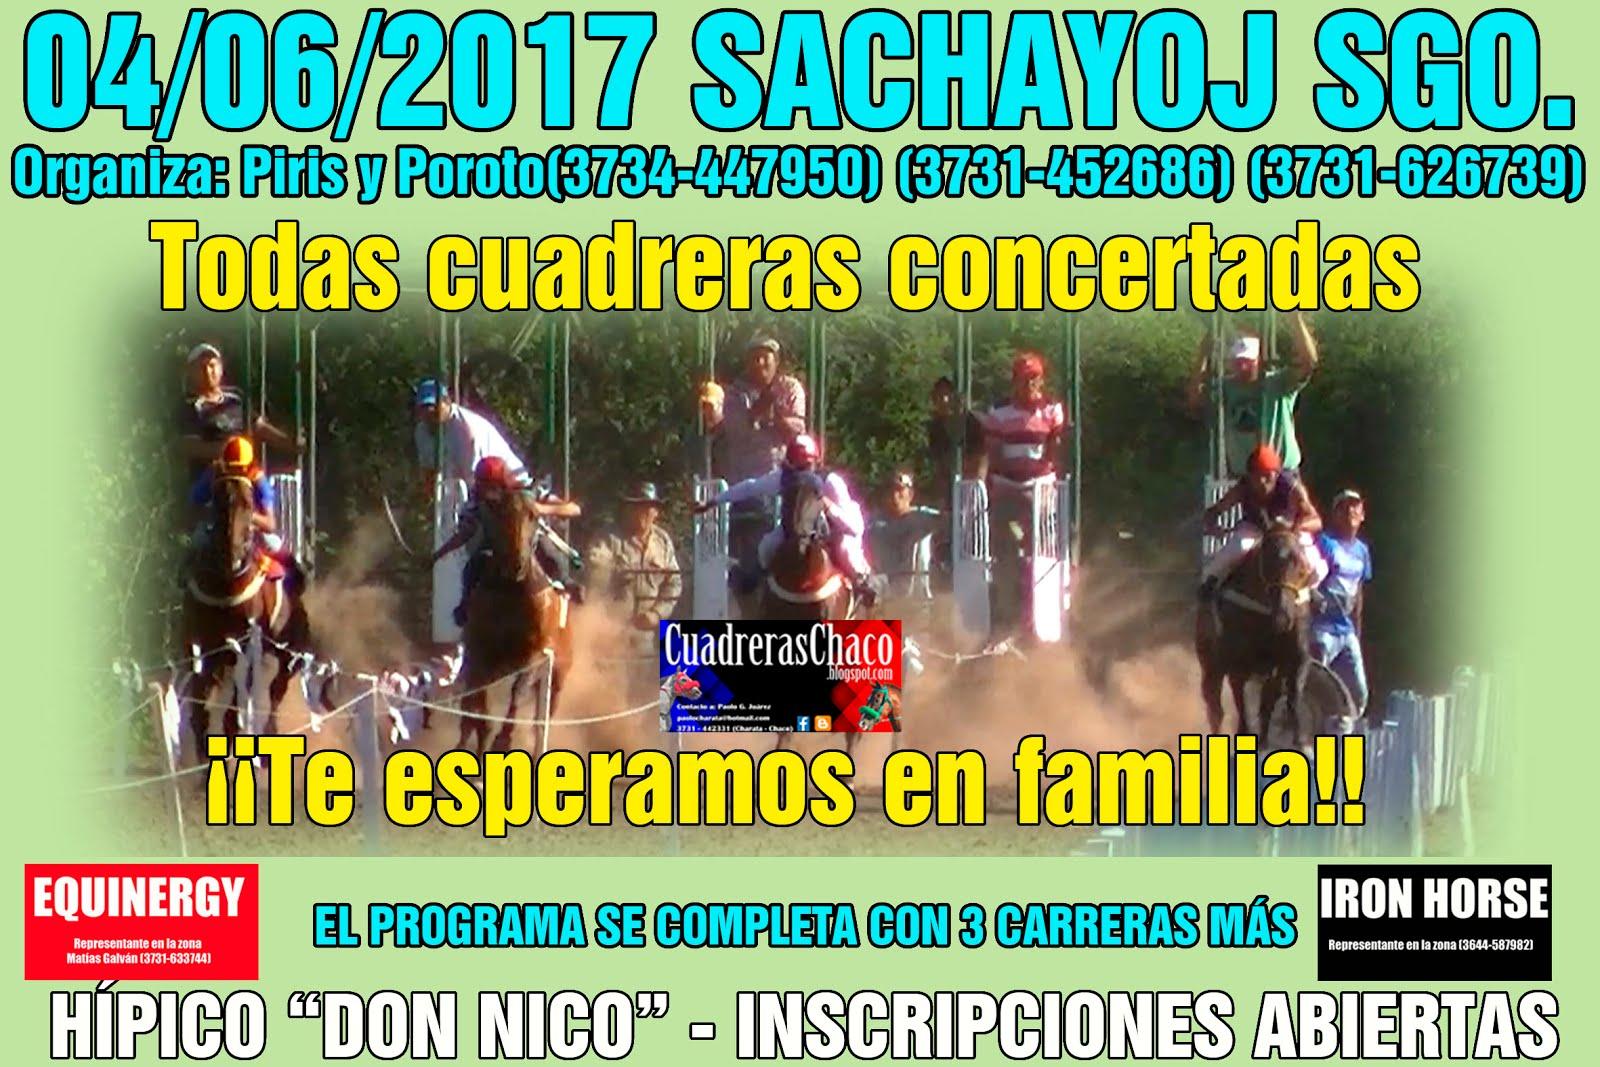 sachayj 4-16-17